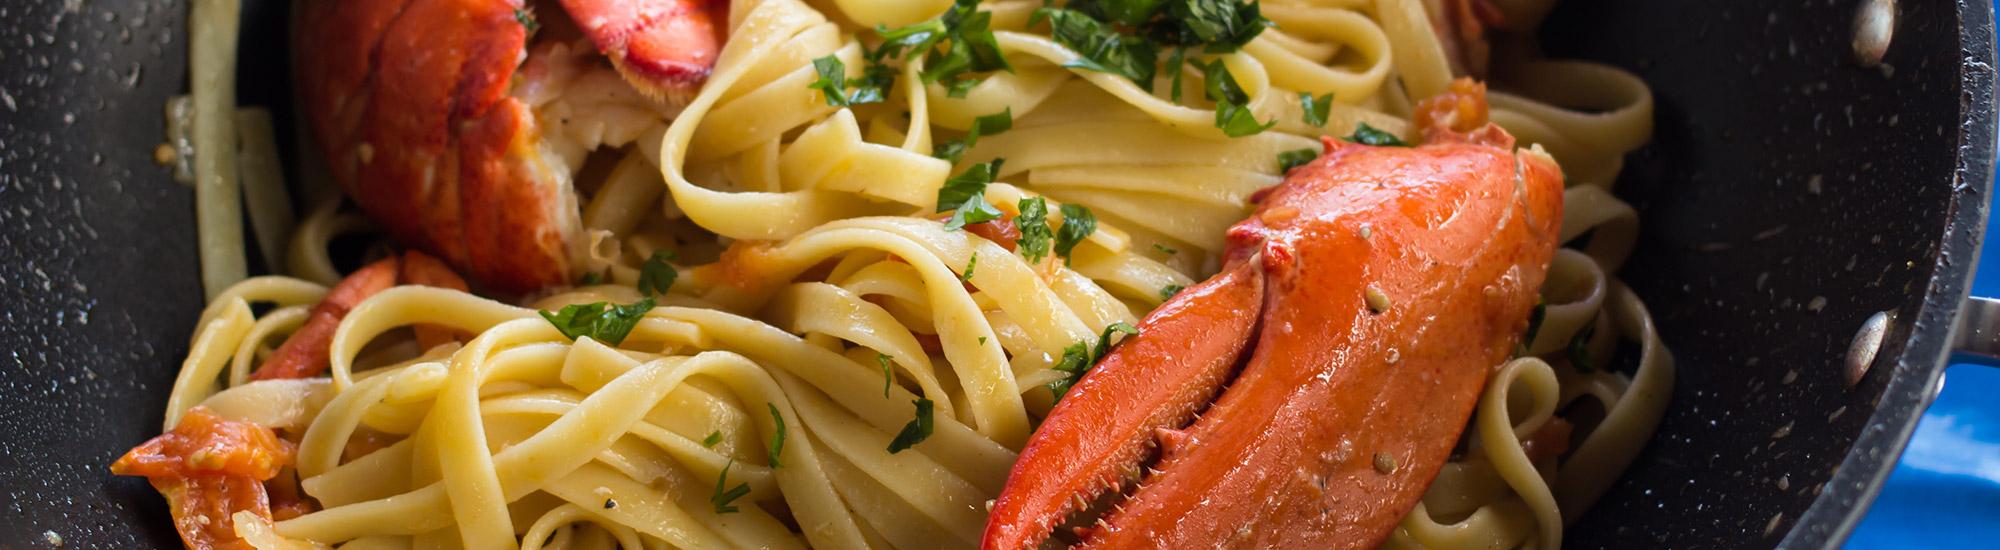 ricetta Tagliatelle all'astice con pasta fresca